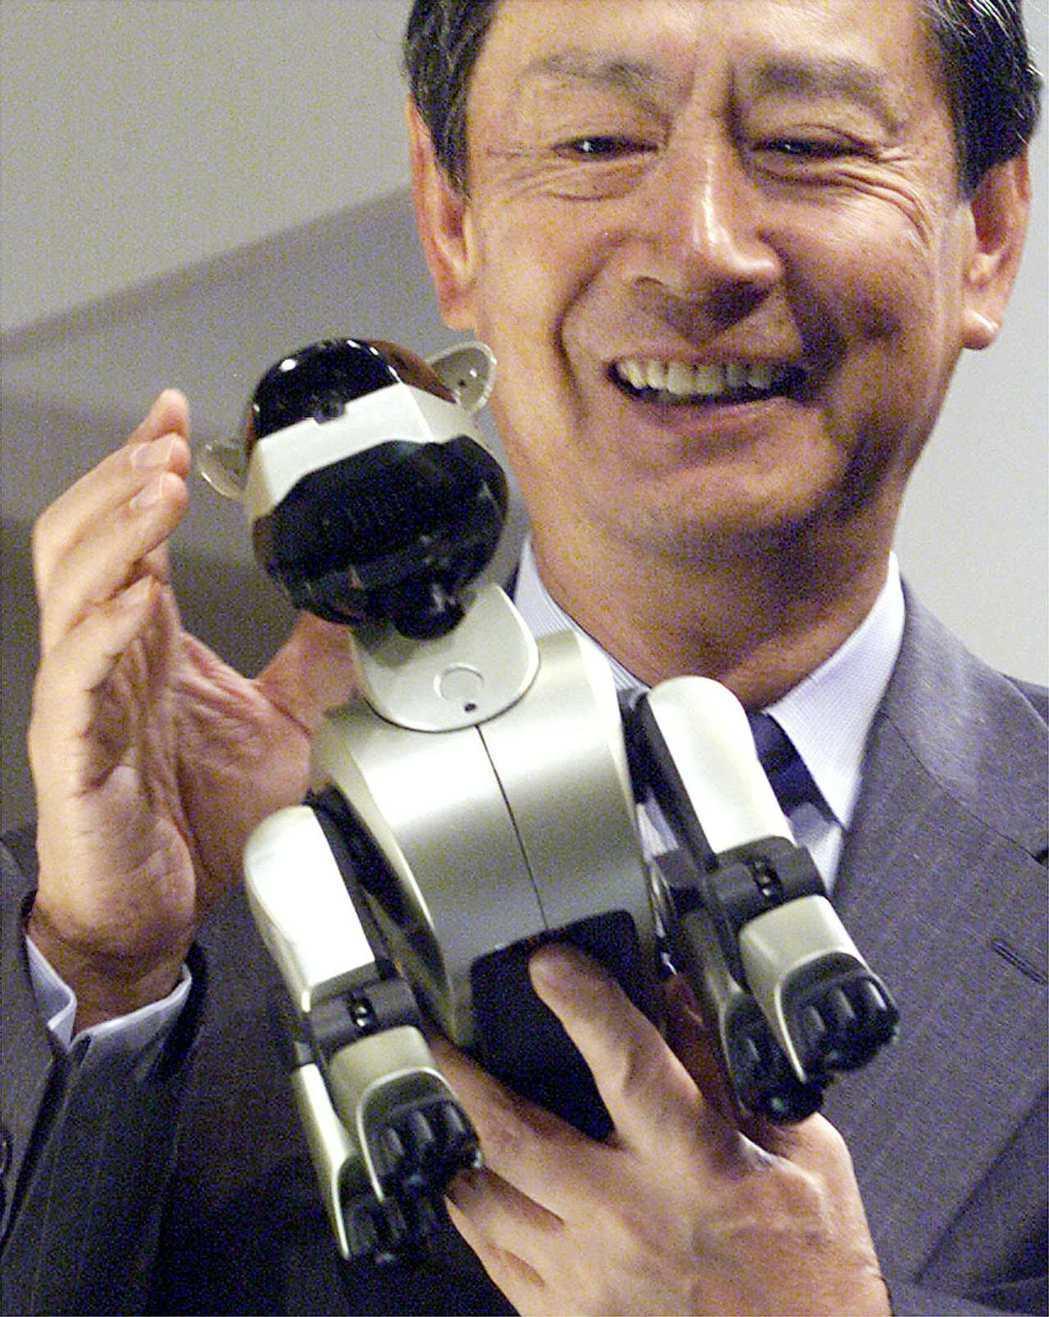 日本Sony自1999年推出機器狗Aibo,掀起熱潮,至今已銷售15萬台。路透